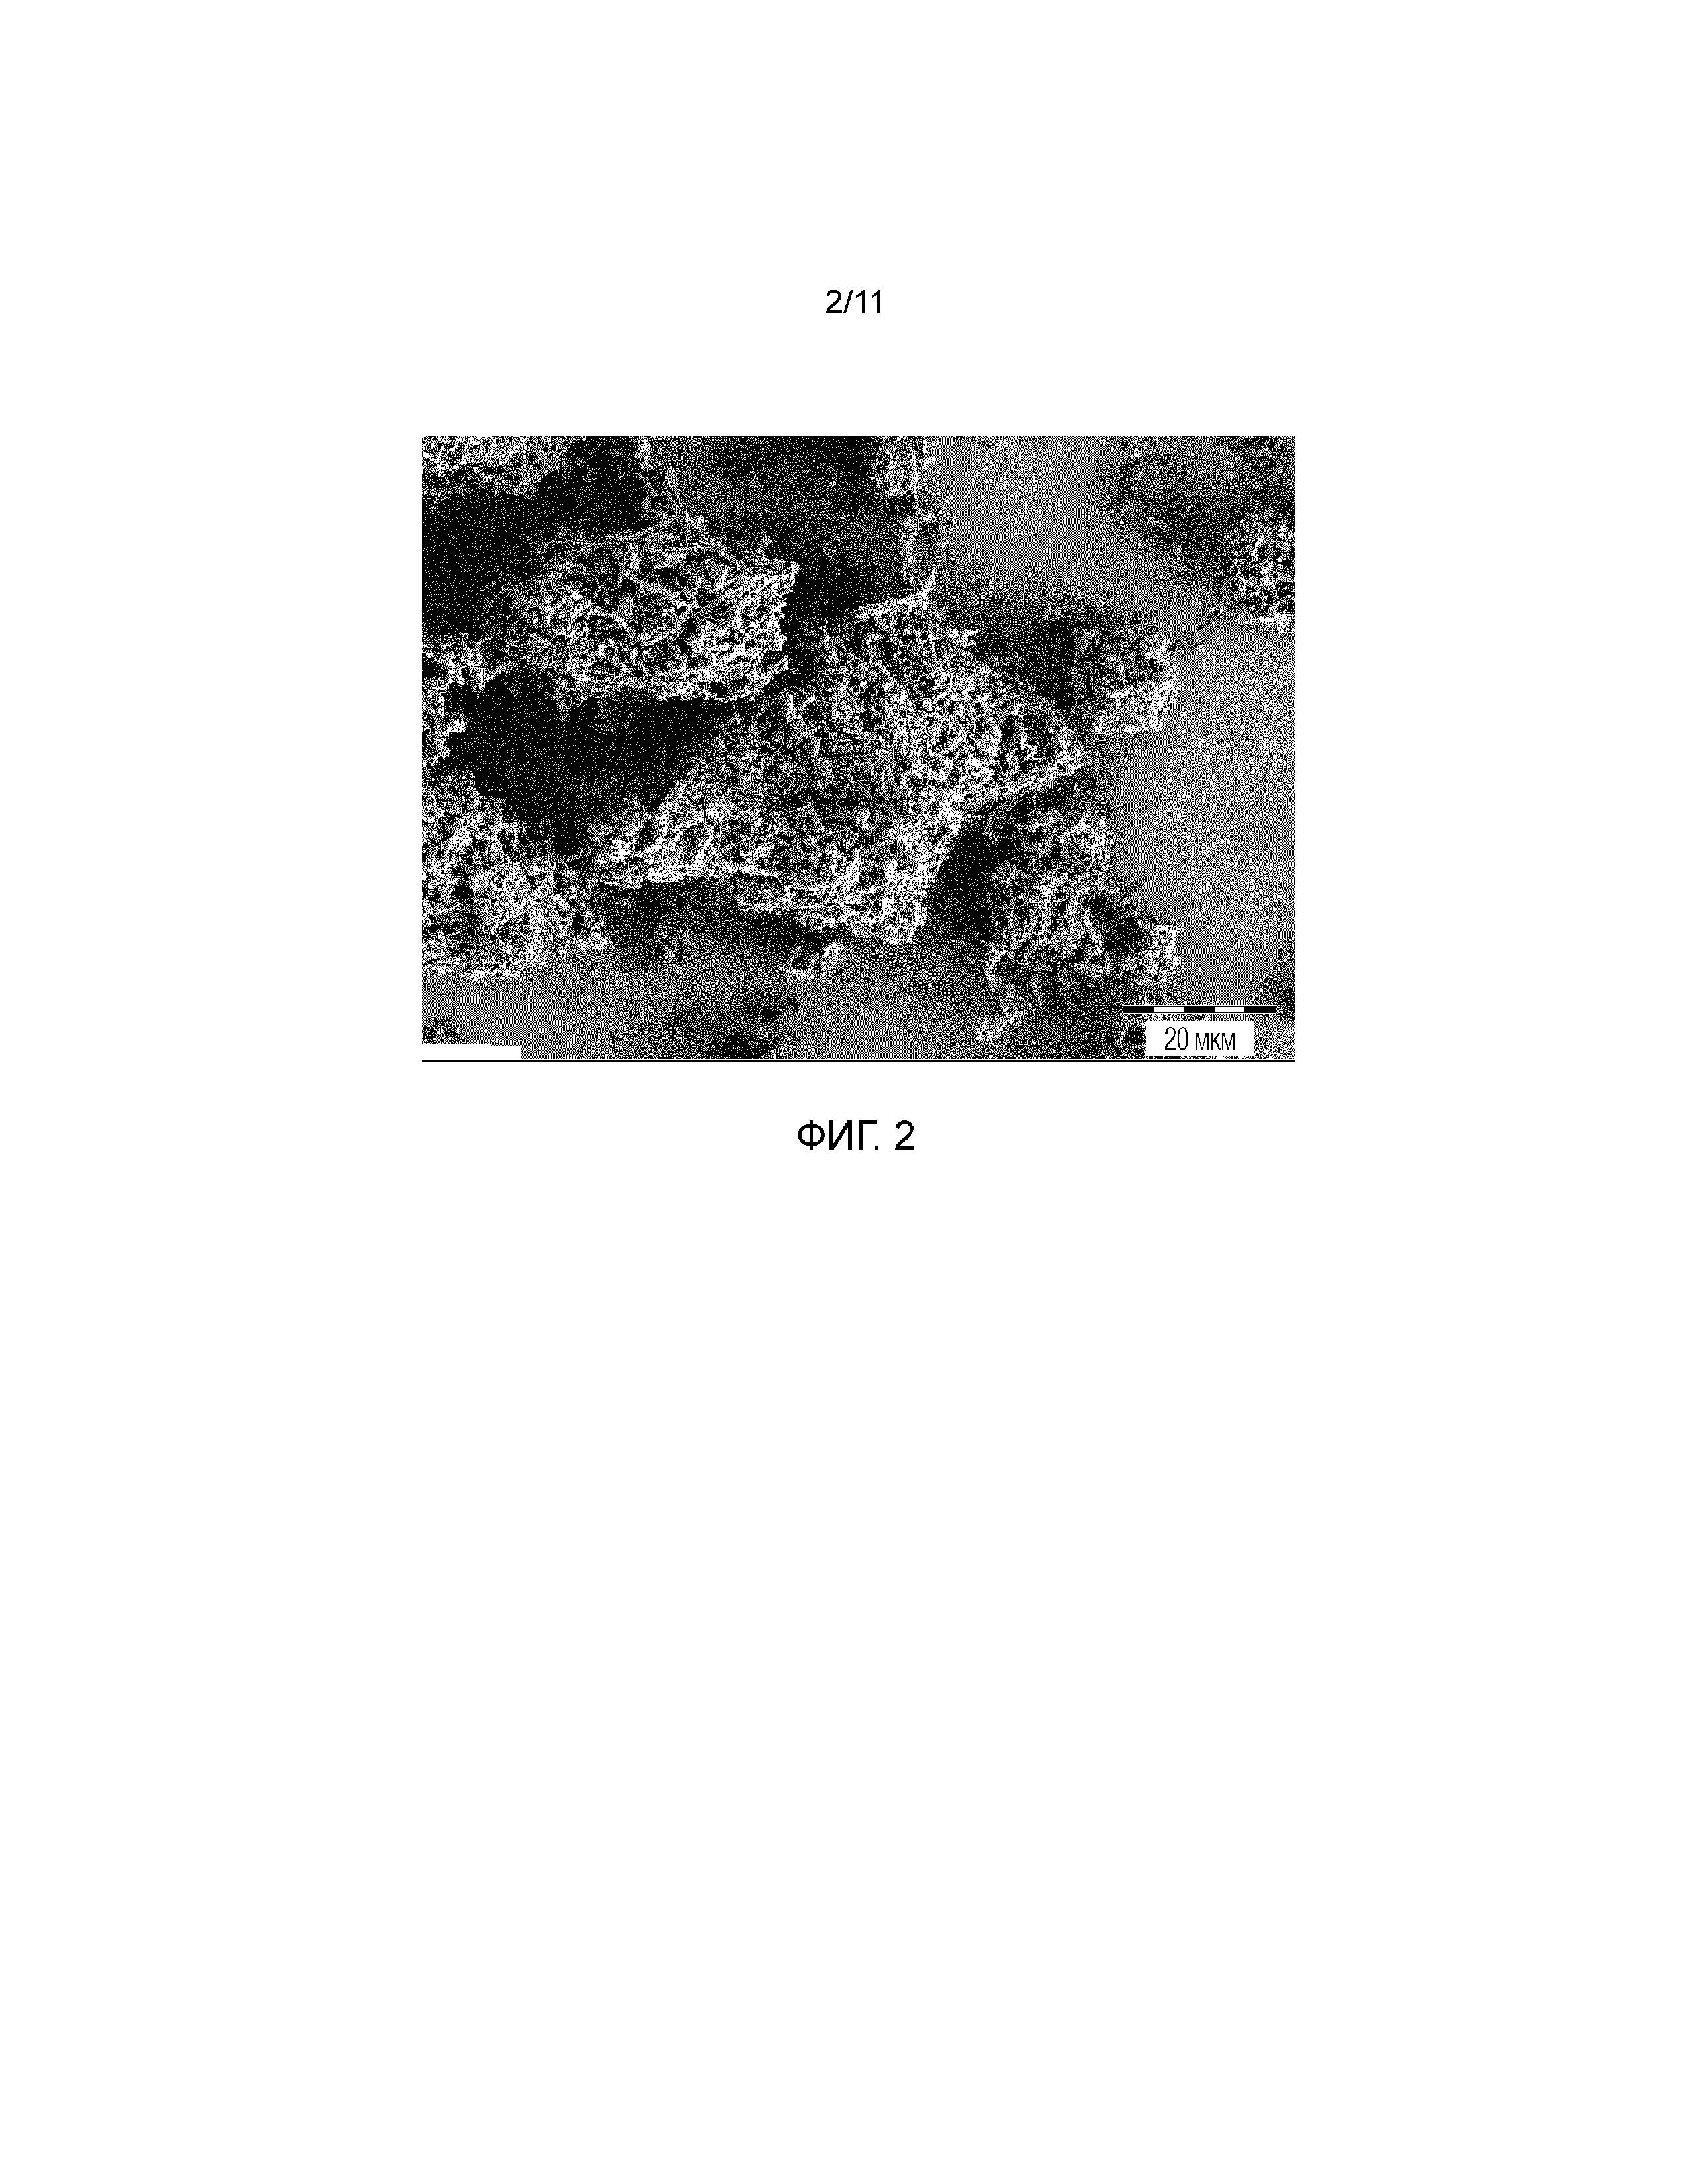 ЧАСТИЦЫ N-(5-ЦИАНО-4-((2-МЕТОКСИЭТИЛ)АМИНО)ПИРИДИН-2-ИЛ)-7-ФОРМИЛ-6-((4-МЕТИЛ-2-ОКСОПИПЕРАЗИН-1-ИЛ)МЕТИЛ)-3,4-ДИГИДРО-1,8-НАФТИРИДИН-1(2H)-КАРБОКСАМИДА